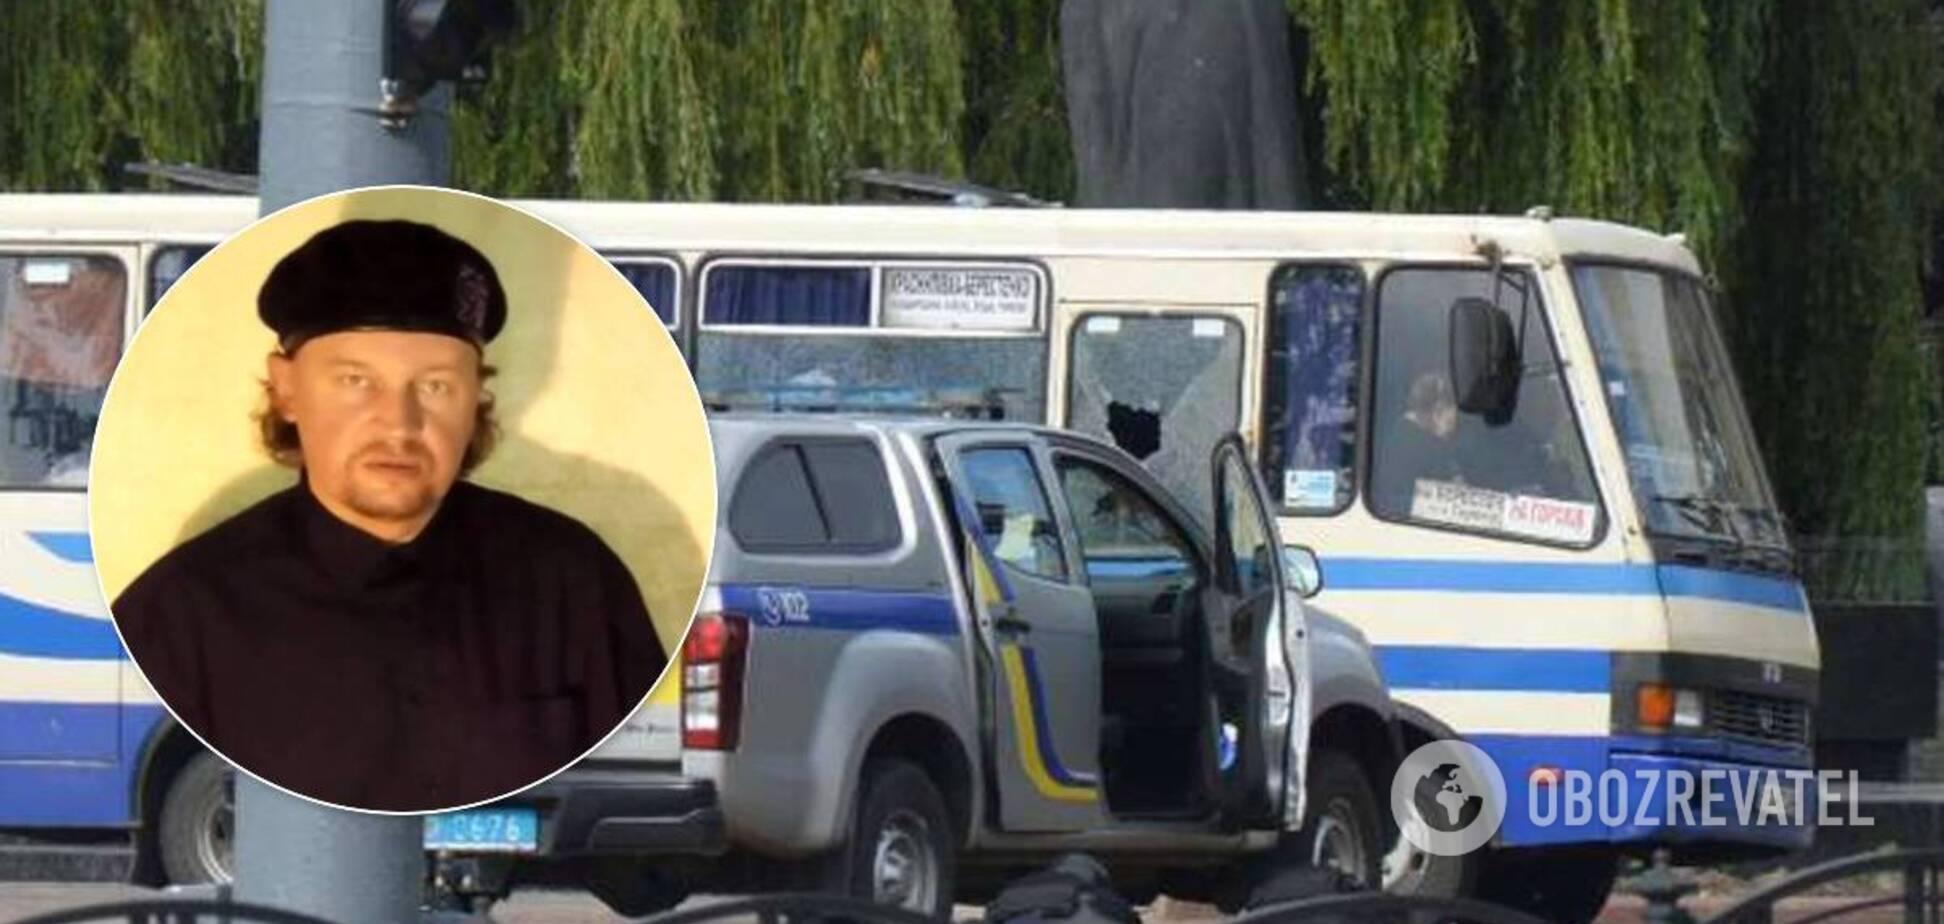 Терорист, який захопив автобус у Луцьку, опублікував вимоги